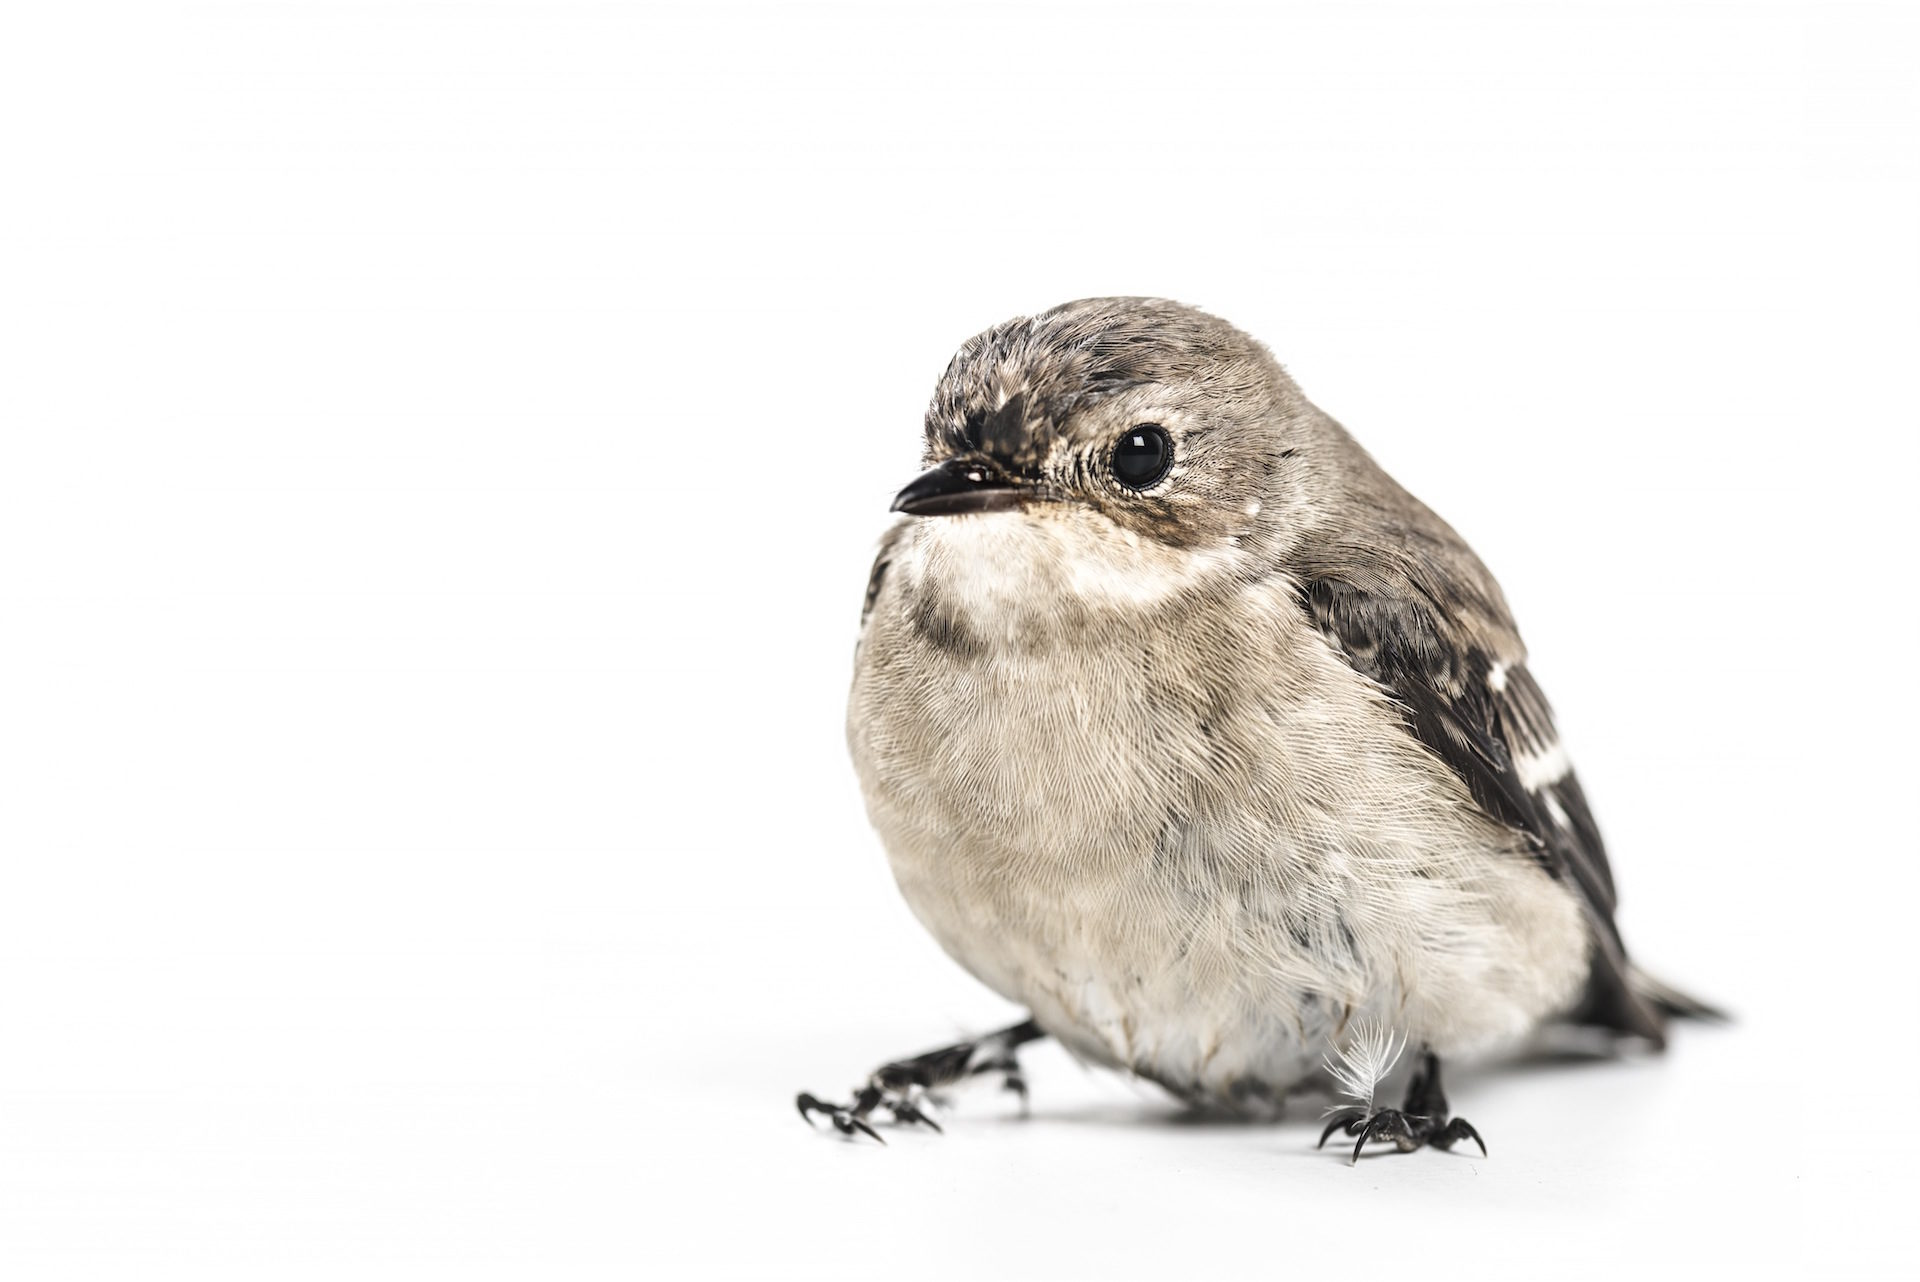 gorrión, 鸟, 看看, 眼睛, 羽毛 - 高清壁纸 - 教授-falken.com